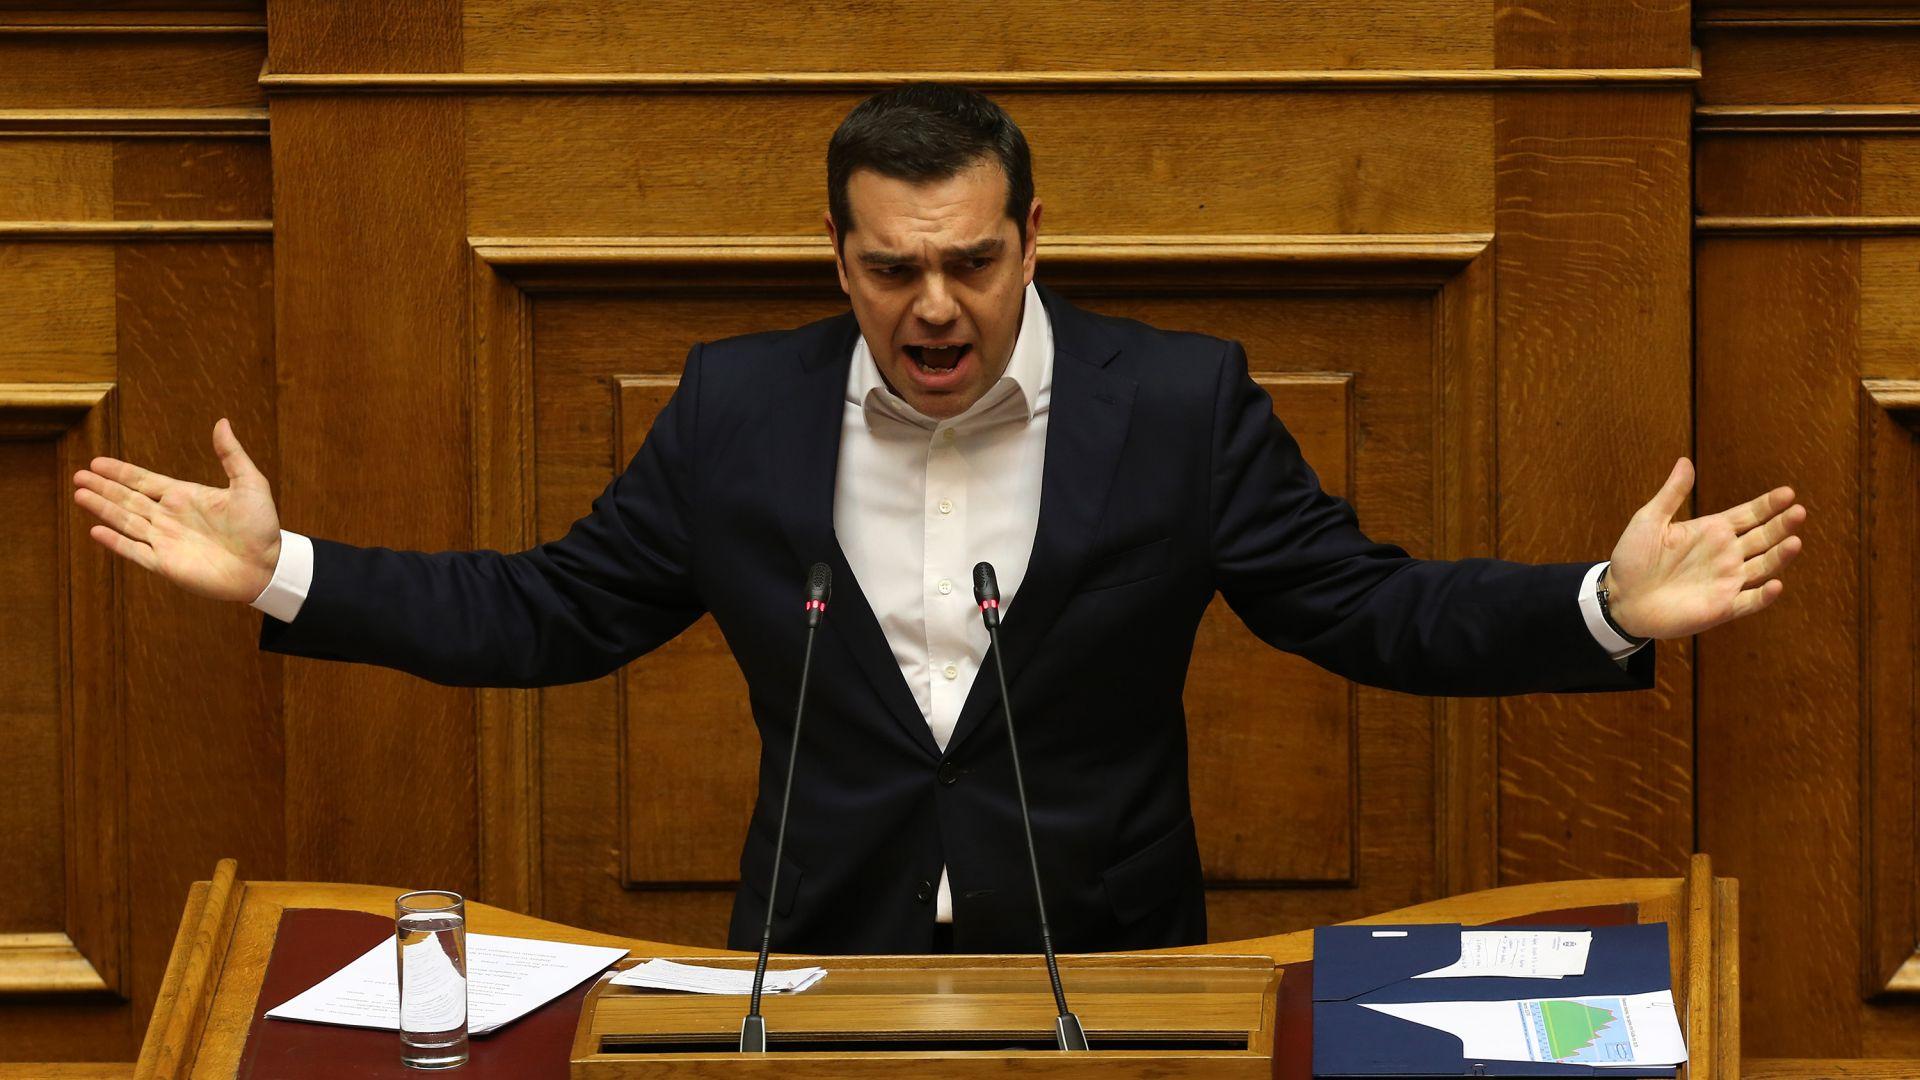 Мудис повиши кредитния рейтинг на Гърция. Ципрас: Изпълнихме обещанията си